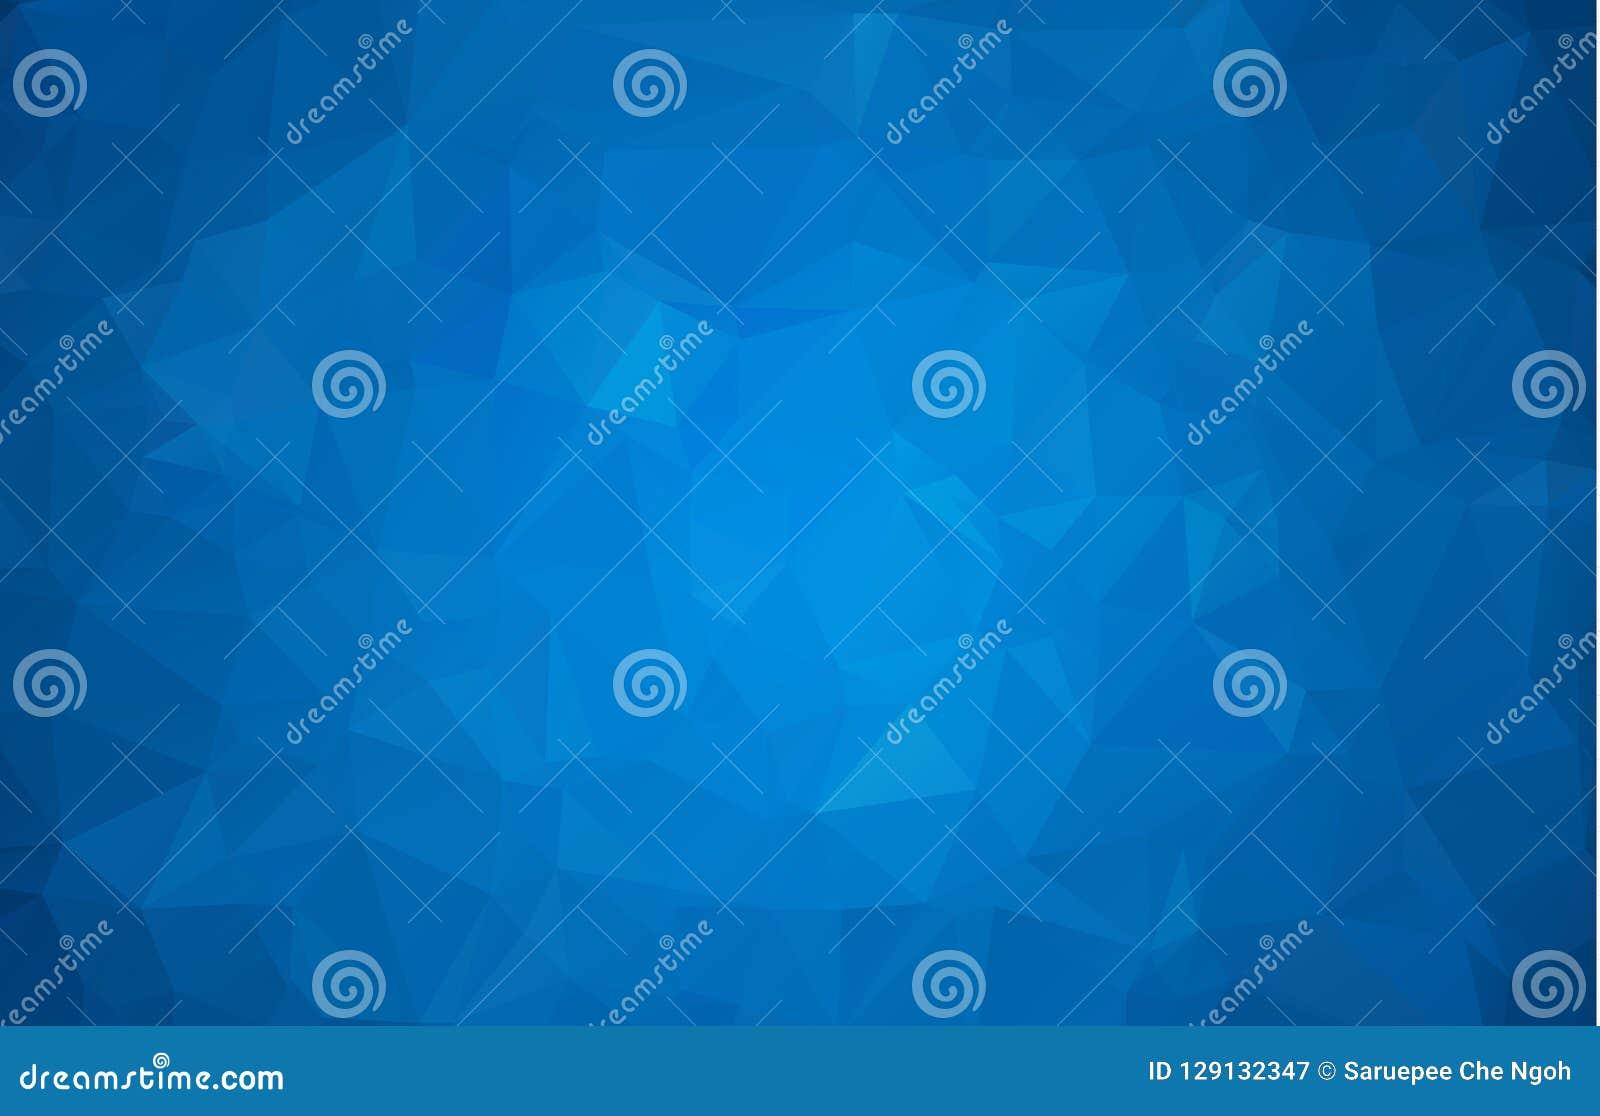 Obscuridade multicolorido abstrata - baixo fundo poli triangular emaranhado geométrico azul do gráfico da ilustração do inclinaçã